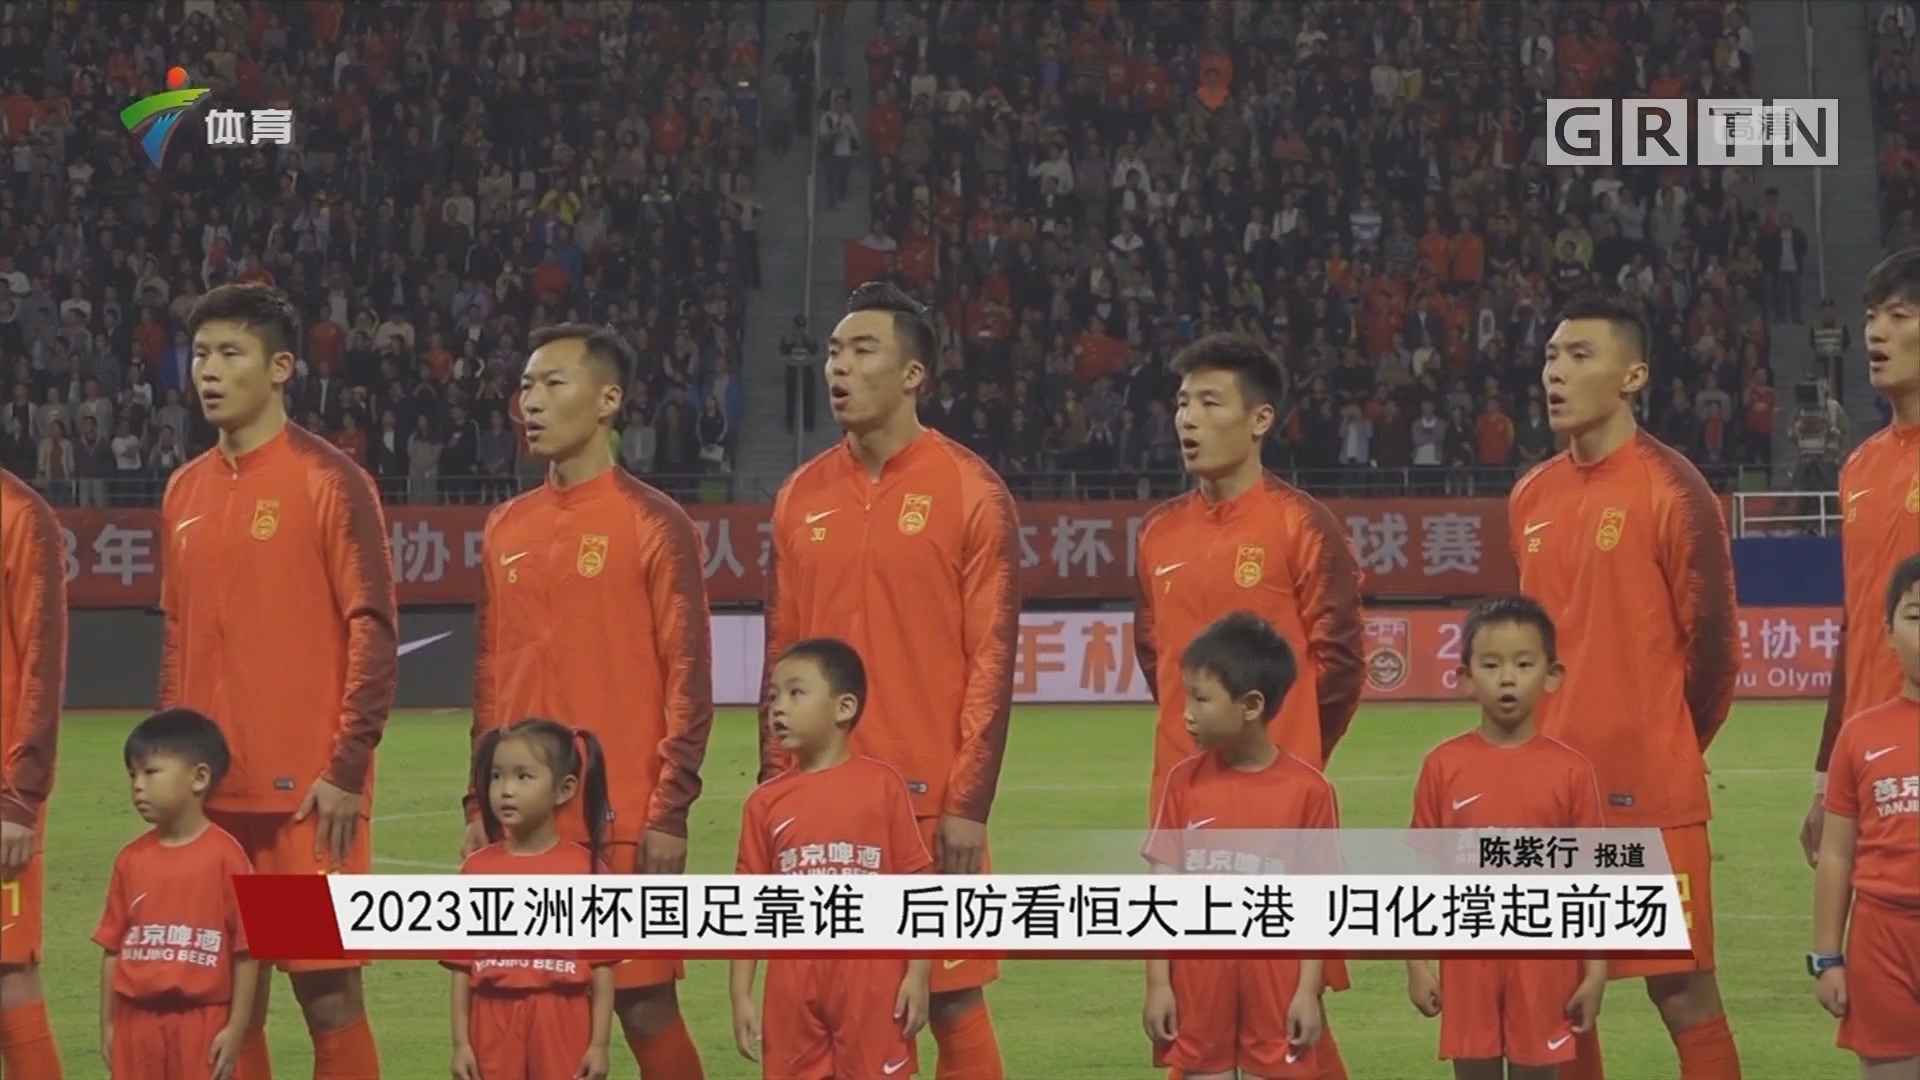 2023亚洲杯国足靠谁 后防看恒大上港 归化撑起前场